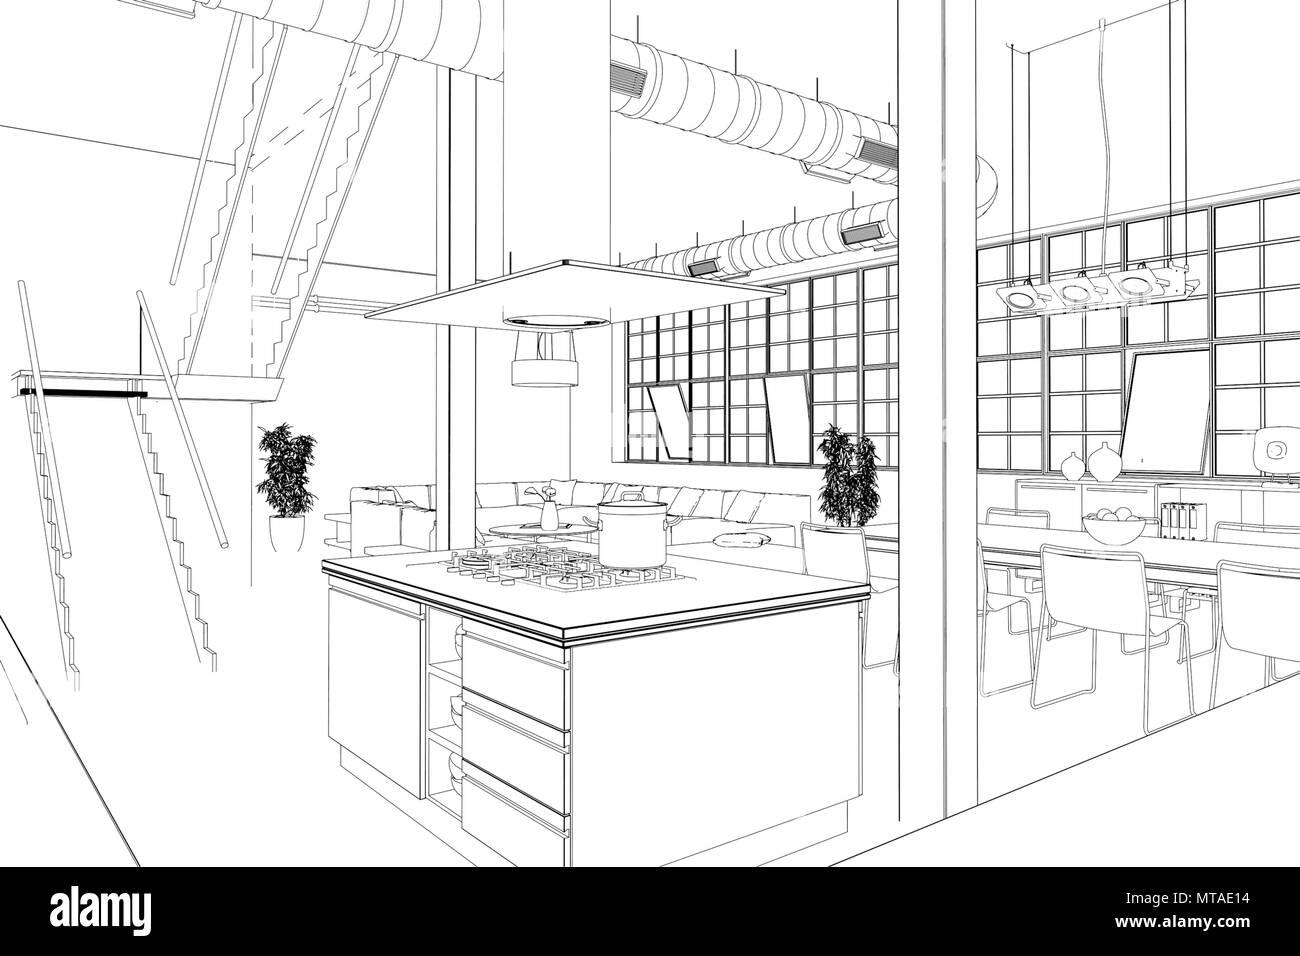 Innenarchitektur Loft Küche benutzerdefiniertes Zeichnen ...